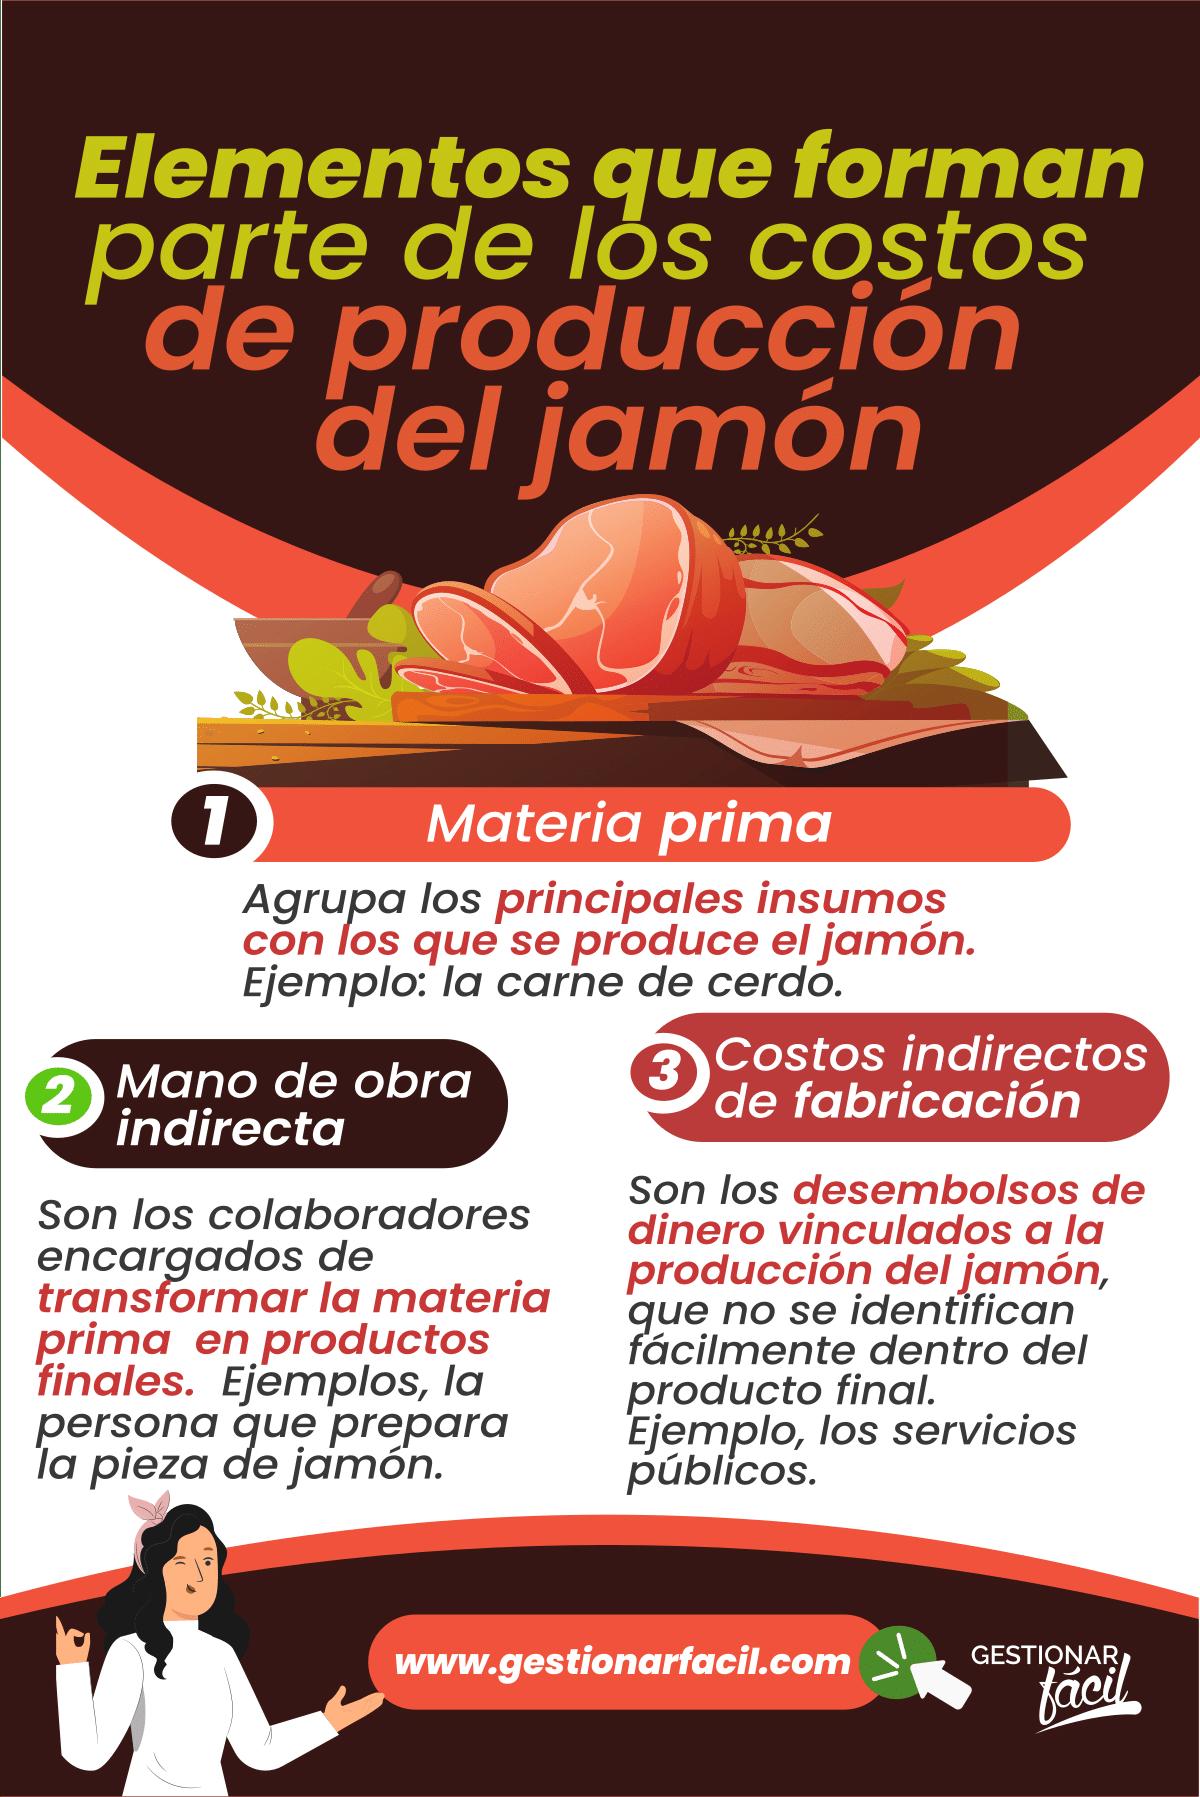 Elementos que forman parte de los costos de producción del jamón.